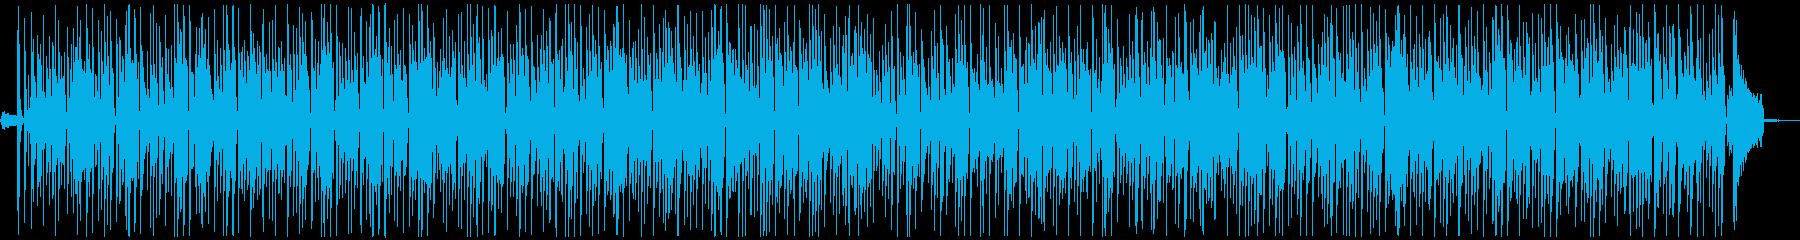 犬のハッピーで明るいポップな楽曲_木琴の再生済みの波形